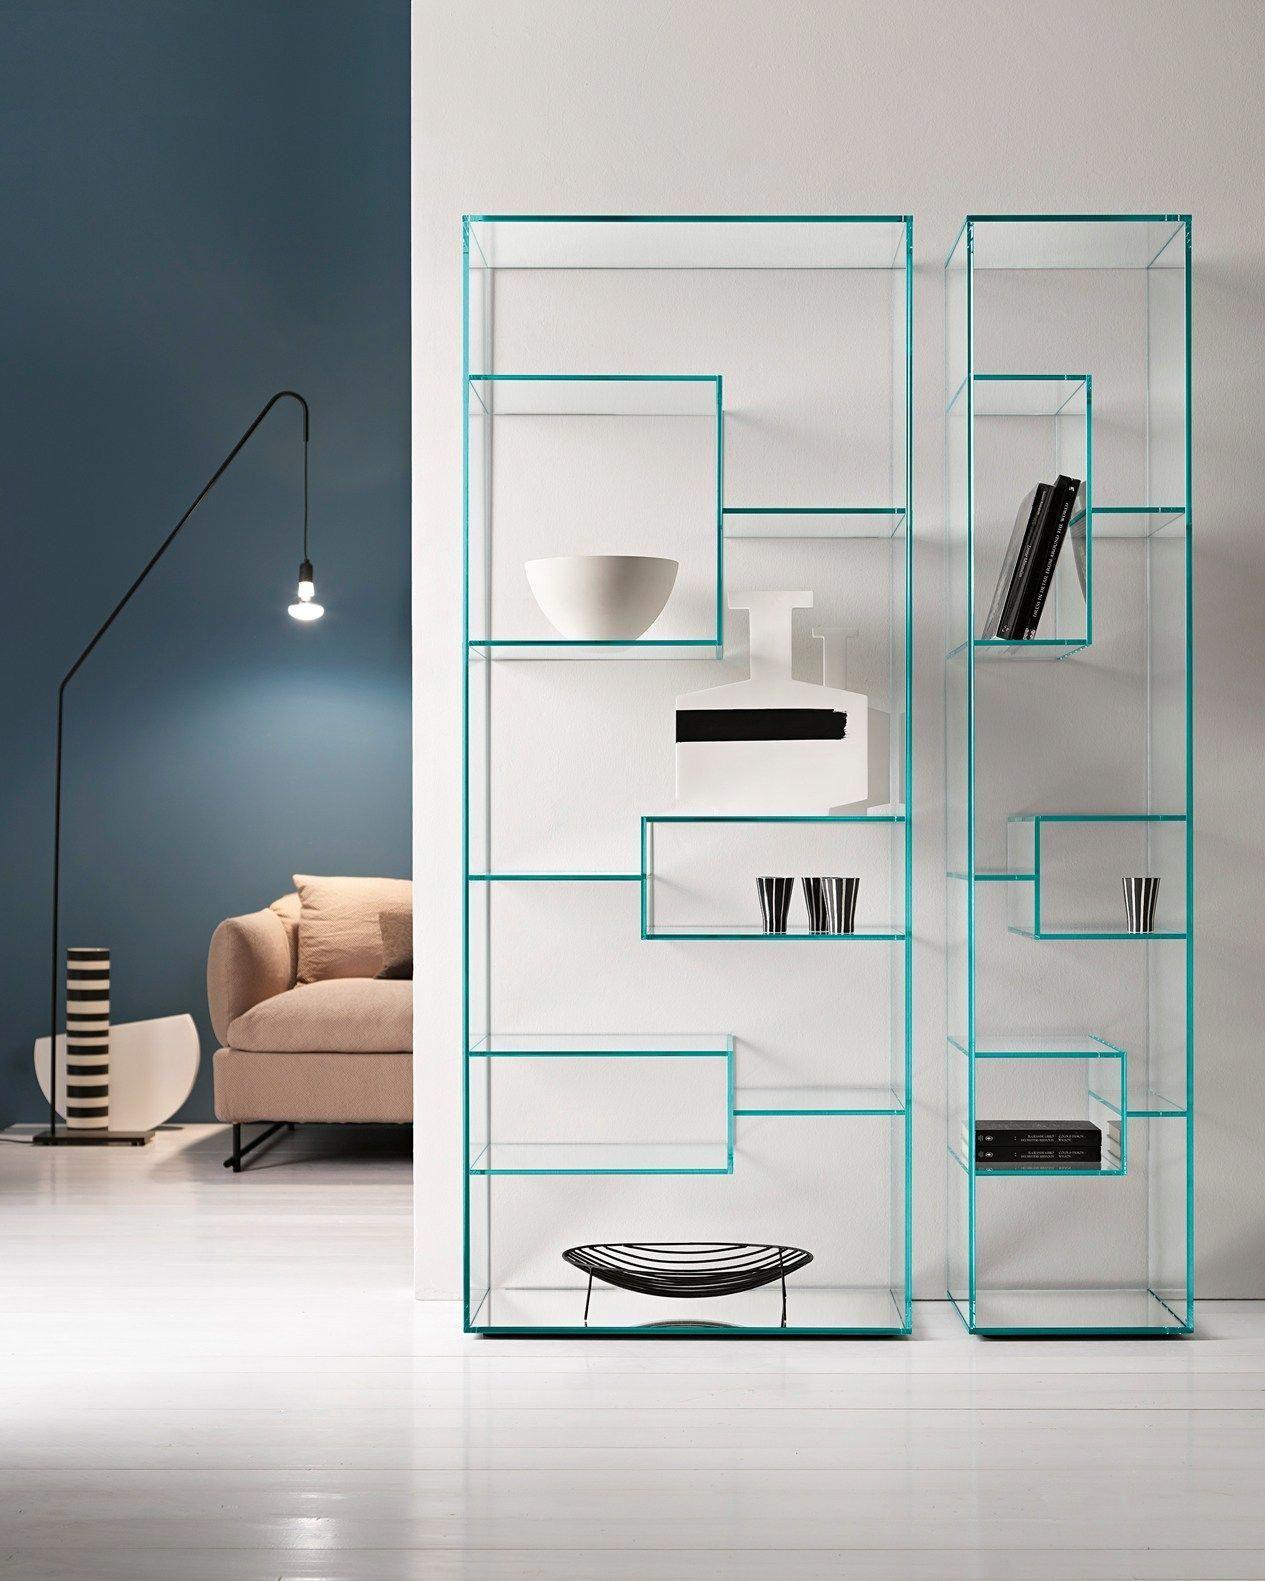 Glass Shelves Shower Howtocleanglassshelvesinsamsungrefrigerator